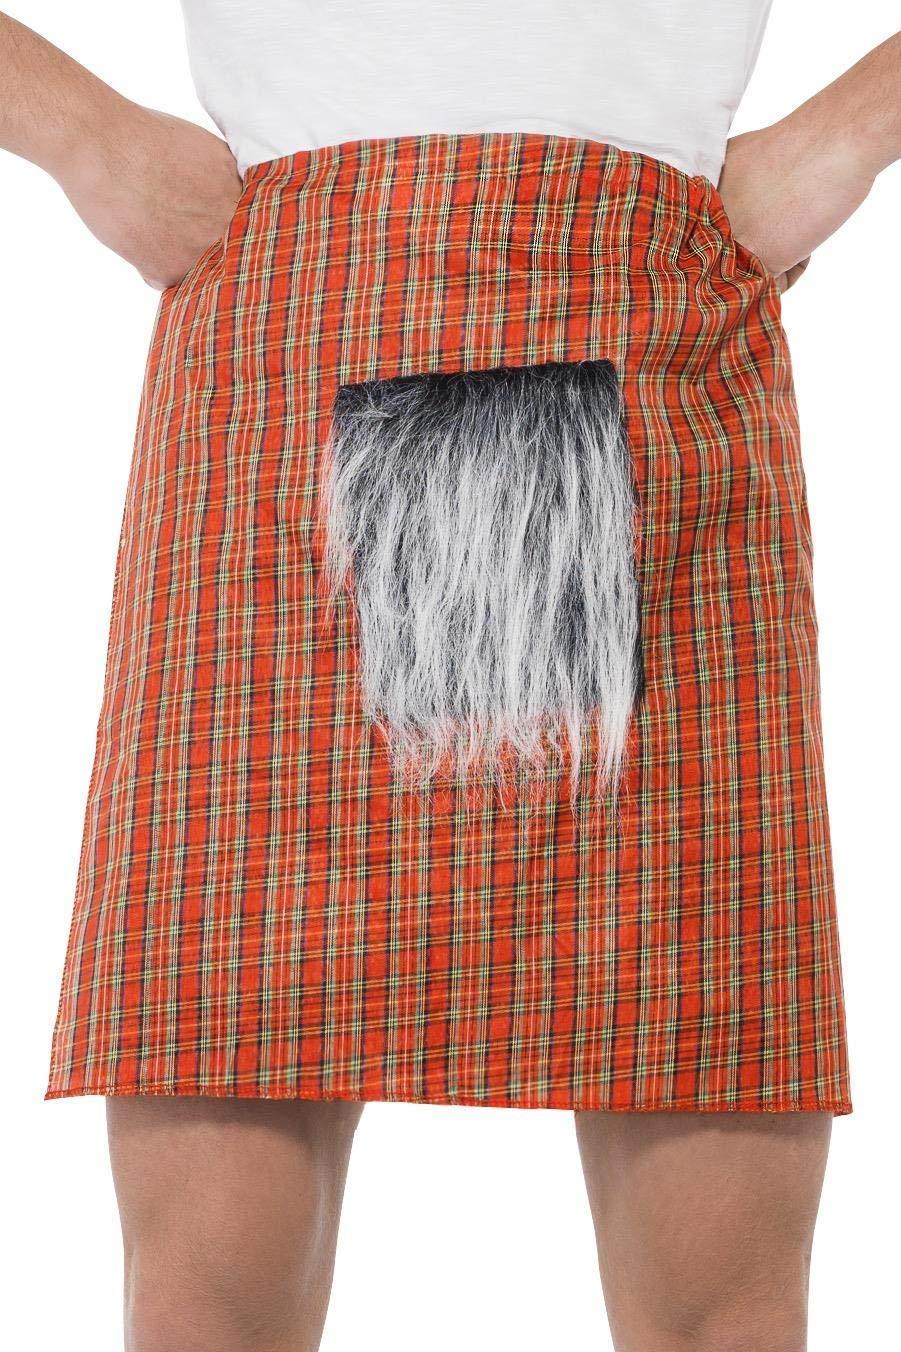 Smiffys Smiffys- Falda Escocesa, roja, con escarcela, Color Rojo ...